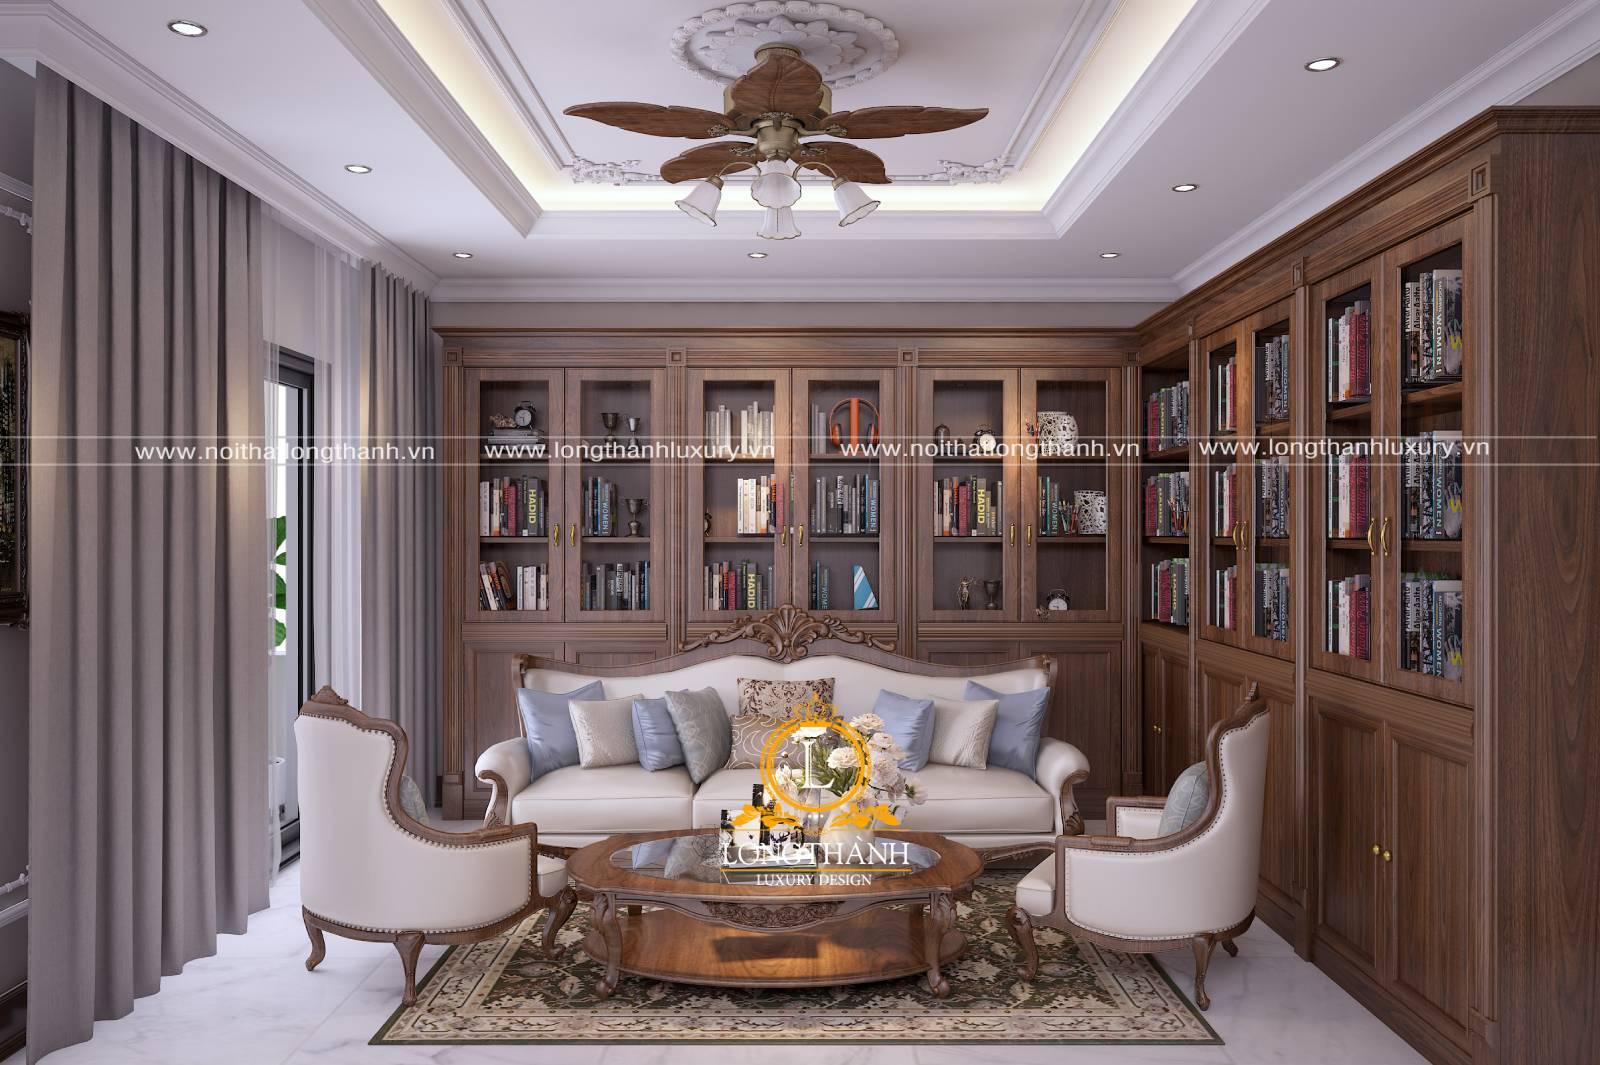 Mẫu sofa bằng gỗ và vải nỉ cho phòng khách chung cư